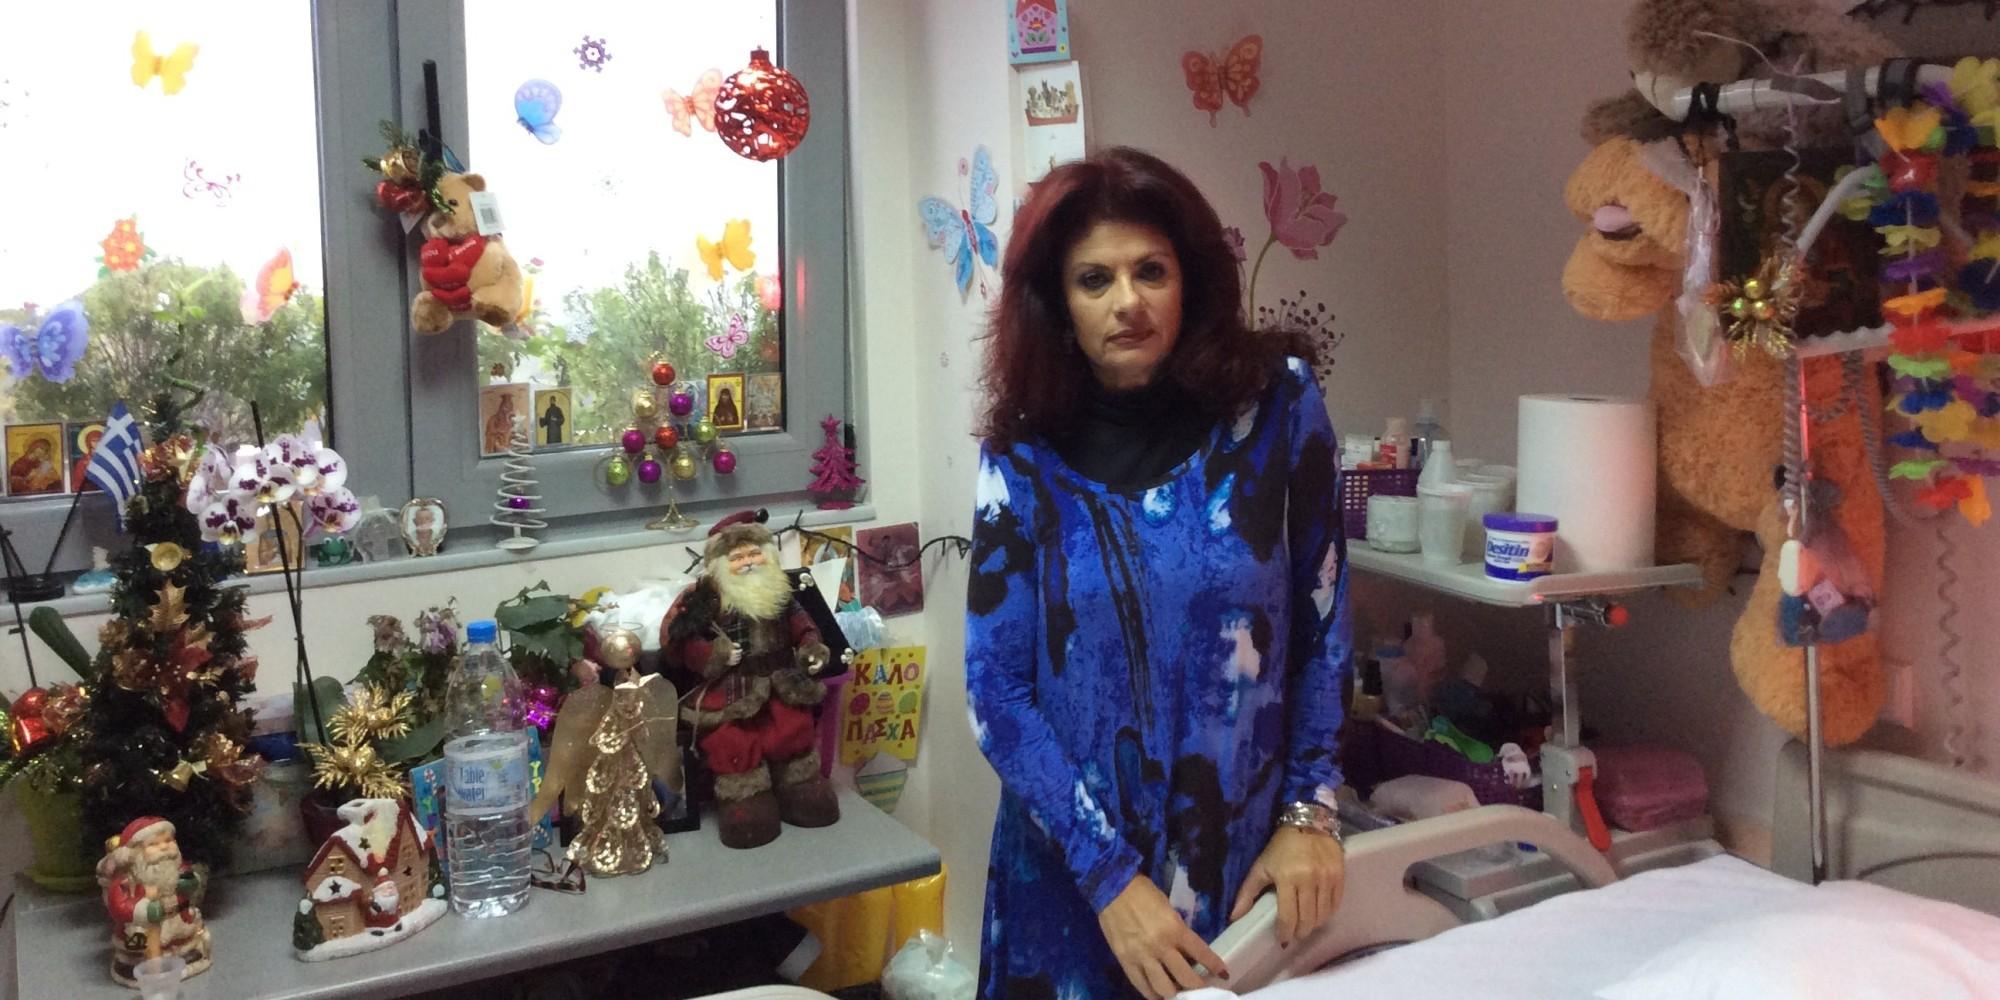 Η Μυρτώ πέντε χρόνια μετά την επίθεση στην Πάρο. Ο αγώνας συνεχίζεται στο σπίτι της στην Αθήνα